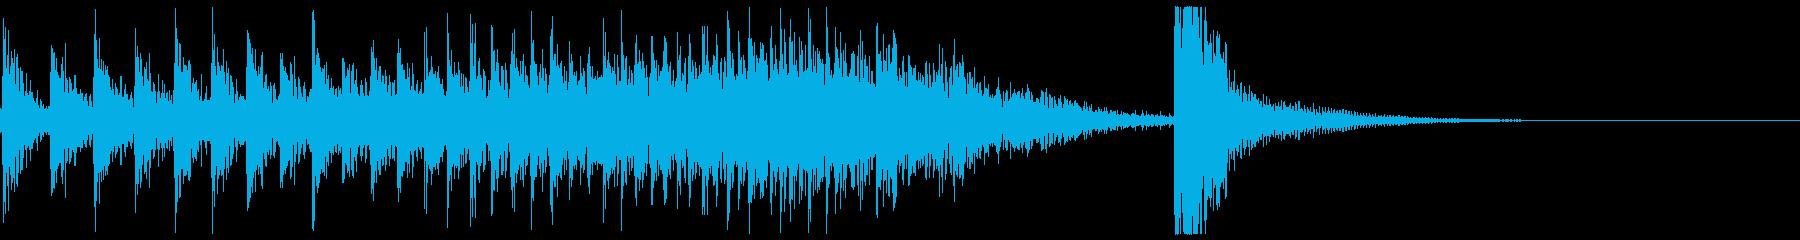 ドコドコ…ドドン!和太鼓ロール/ミドル1の再生済みの波形